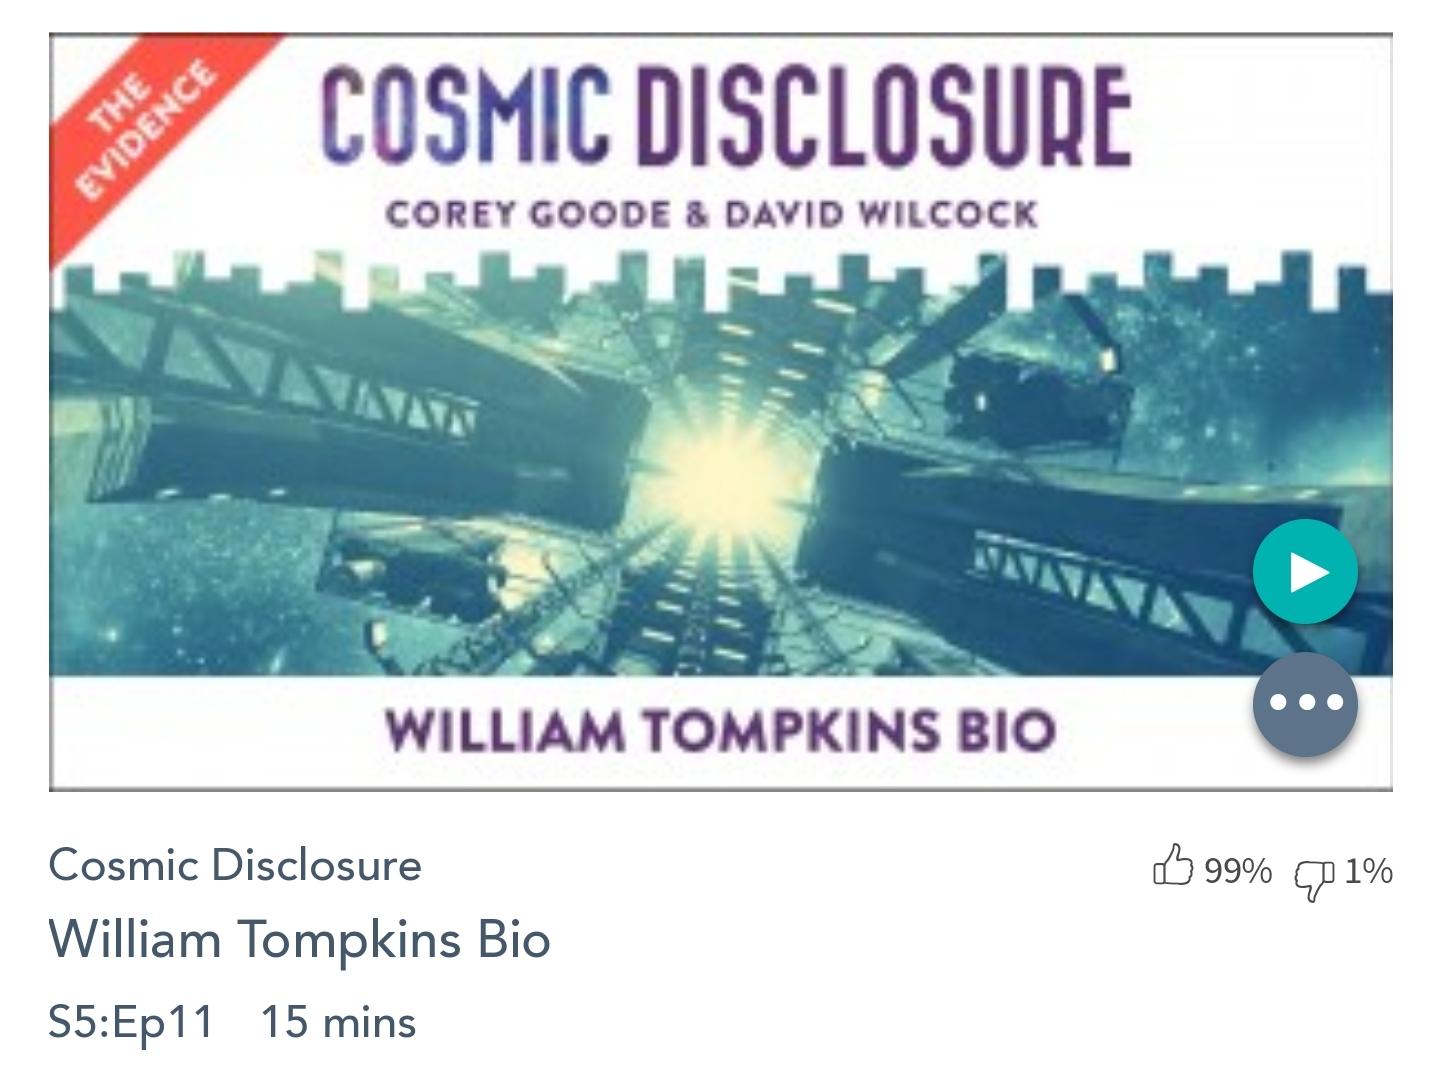 Émission « DIVULGATION COSMIQUE», l'intégrale. Saison 5, épisode 11/17 : BIOGRAPHIE DE WILLIAM TOMPKINS